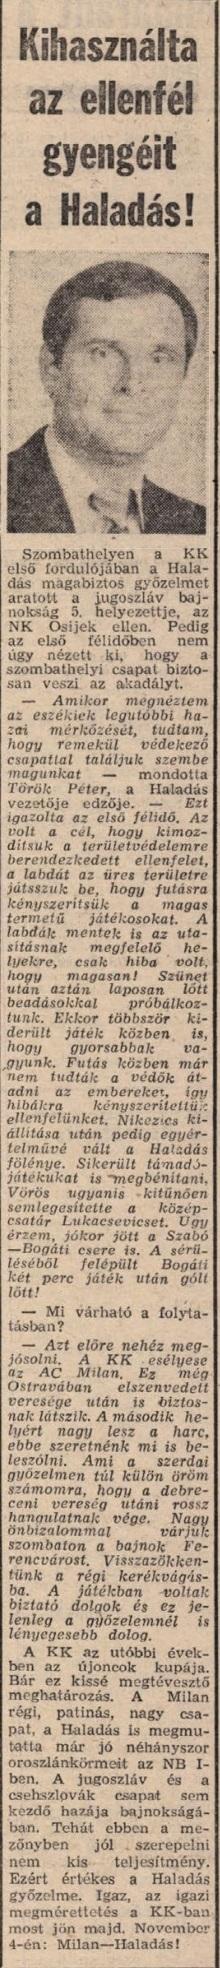 idokapszula_nb_i_1981_82_klubcsapataink_nemzetkozi_kupaszereplese_2_fordulo_1_kor_haladas_osijek_kk_2.jpg